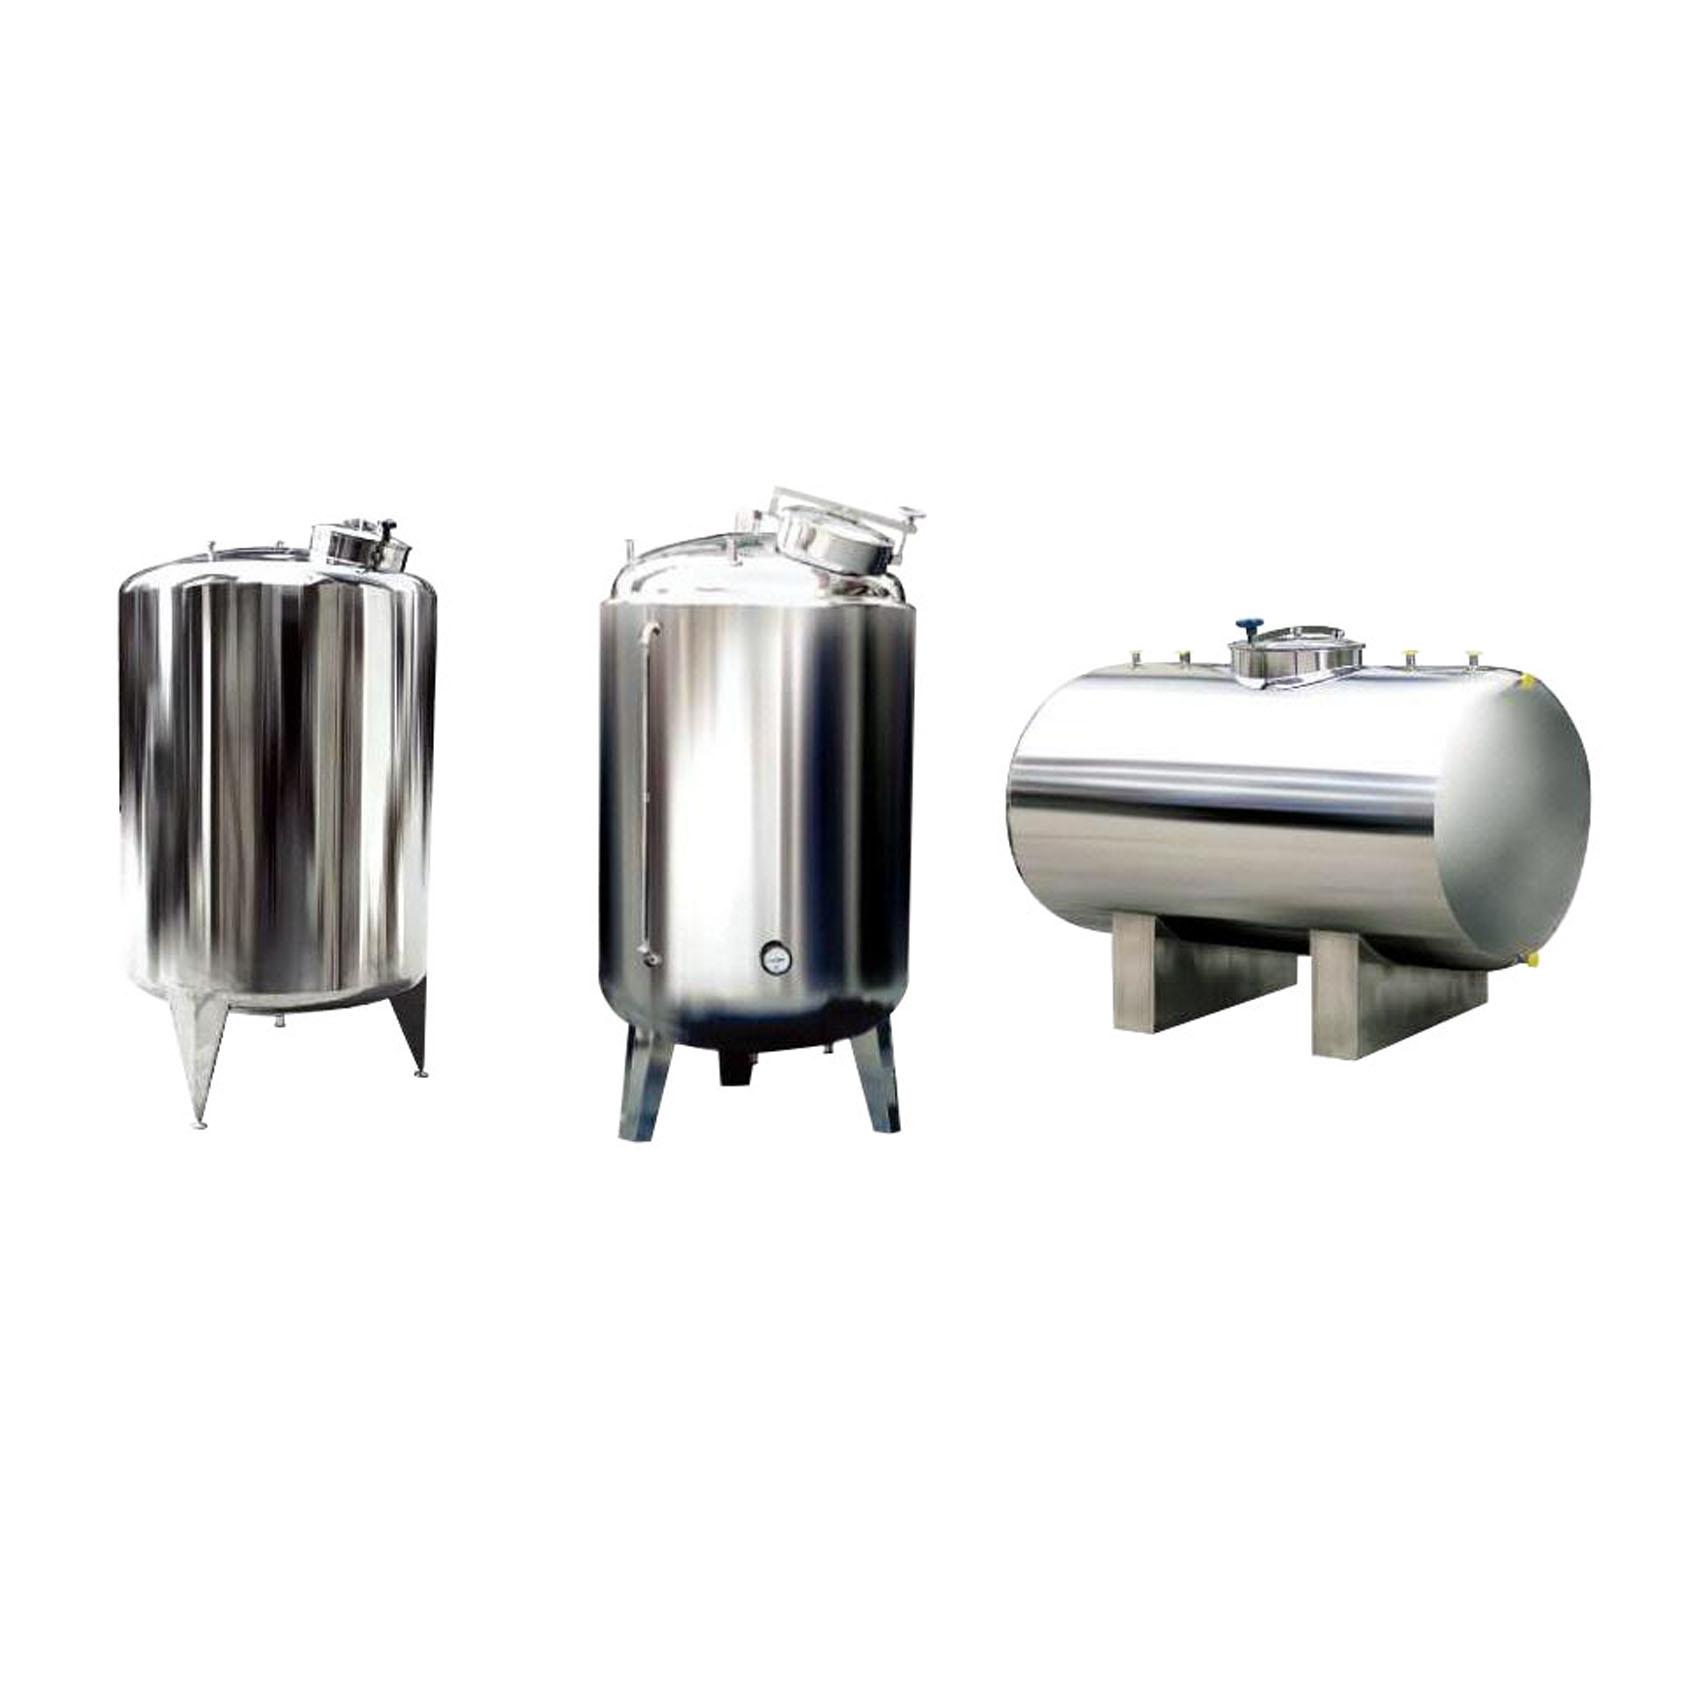 医药液体不锈钢储存罐,钛罐,啤酒储罐,发酵罐